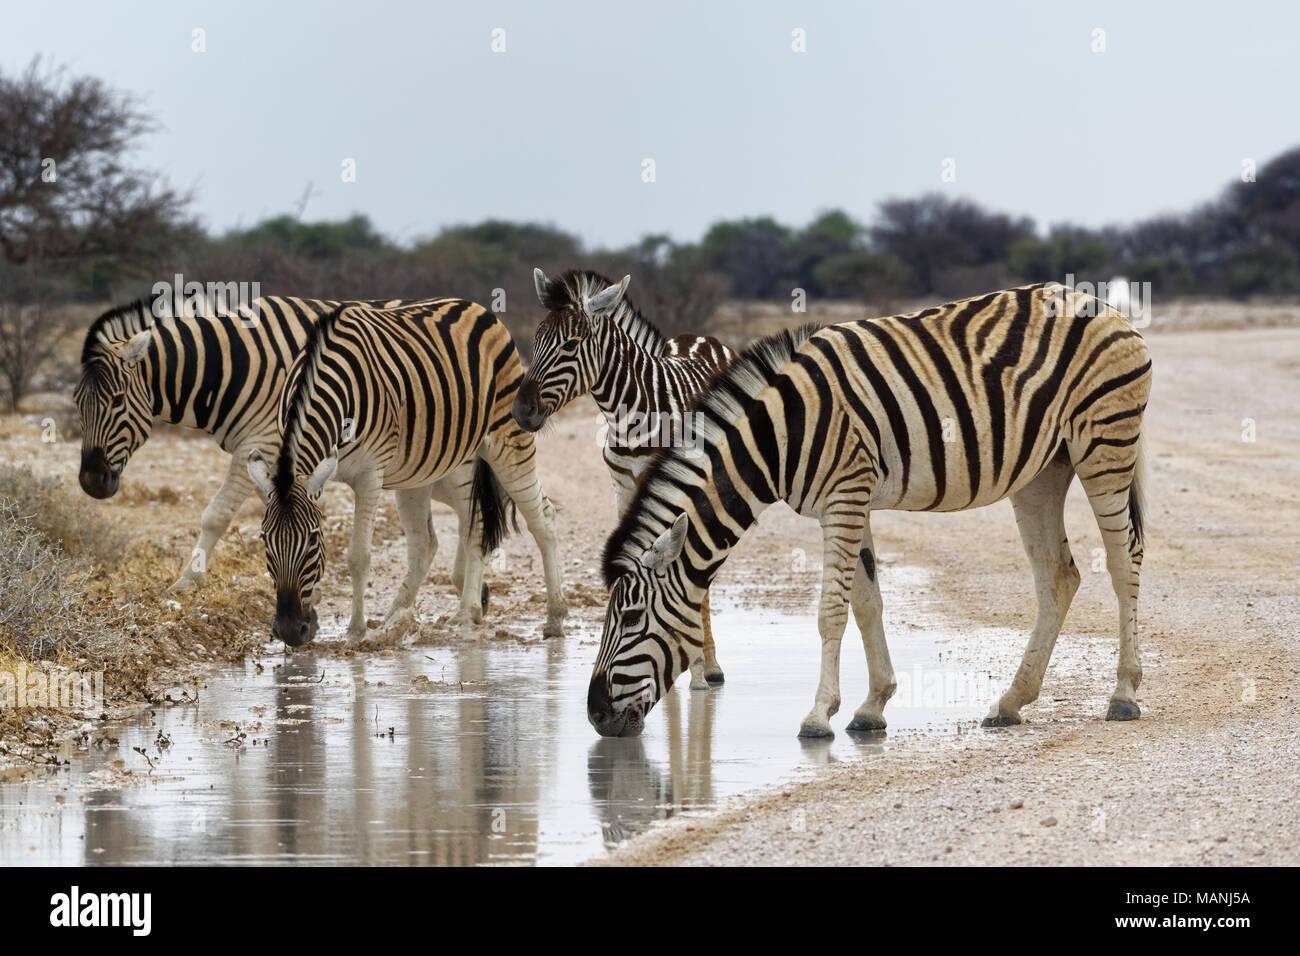 Zèbres de Burchell (Equus quagga burchellii), adultes et poulain sur un chemin de terre, de boire l'eau de pluie à partir d'une flaque, Etosha National Park, Namibie, Afrique Photo Stock